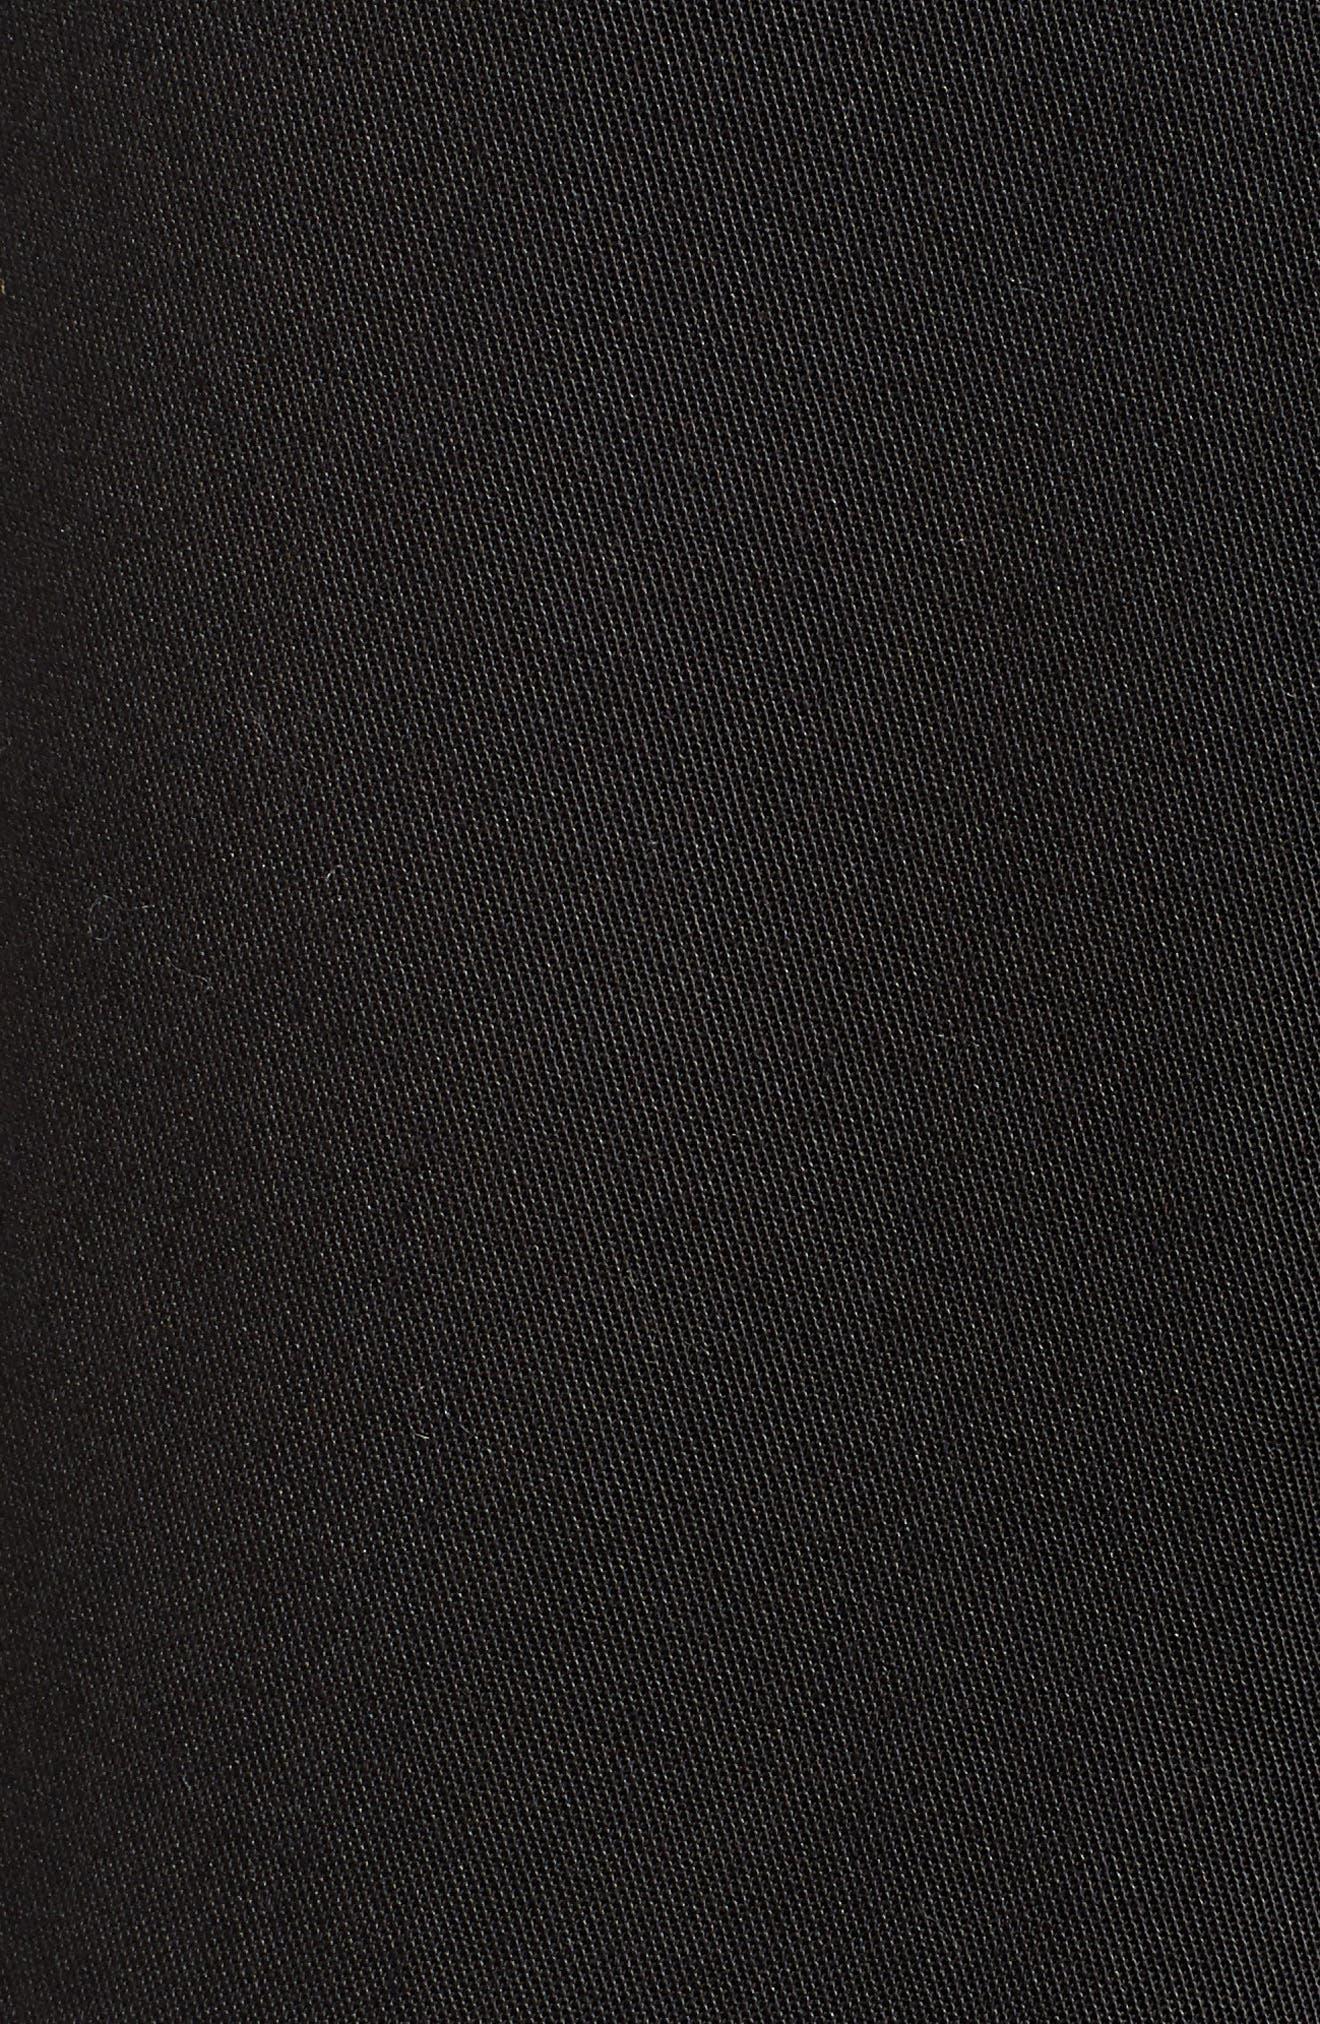 Tie Front Shorts,                             Alternate thumbnail 6, color,                             BLACK